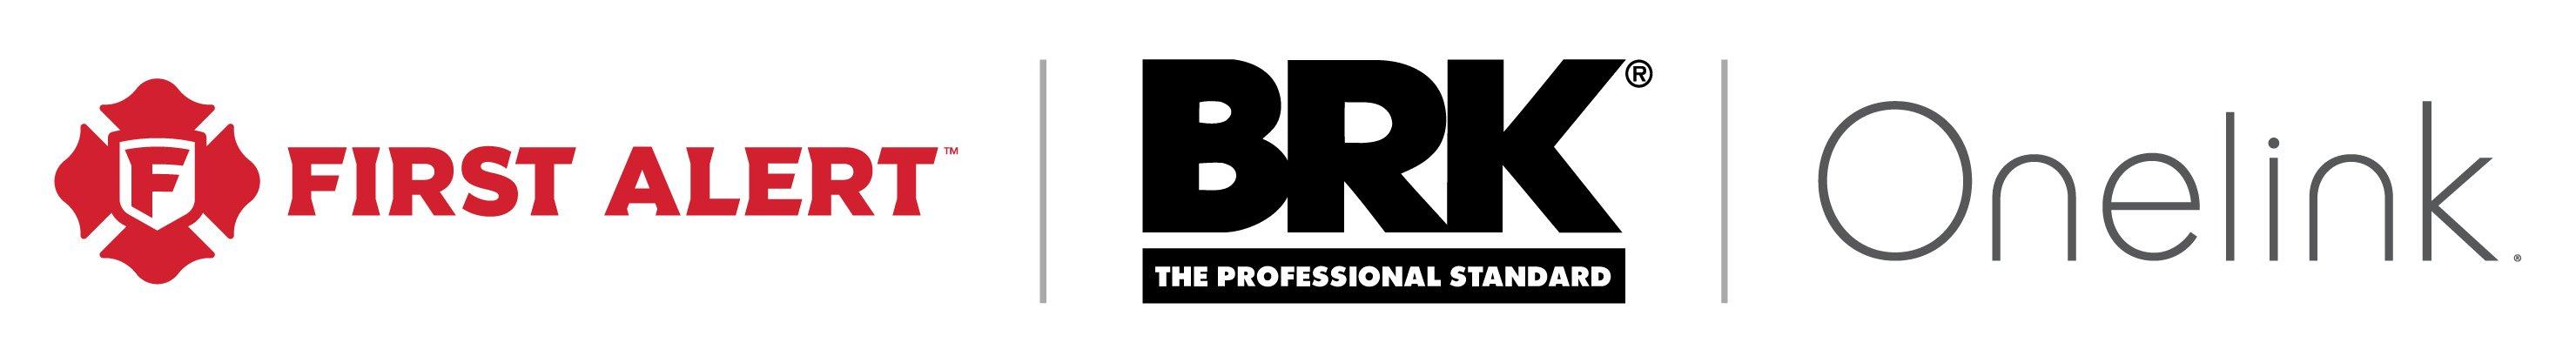 BRK Brands, Inc. / First Alert Logo